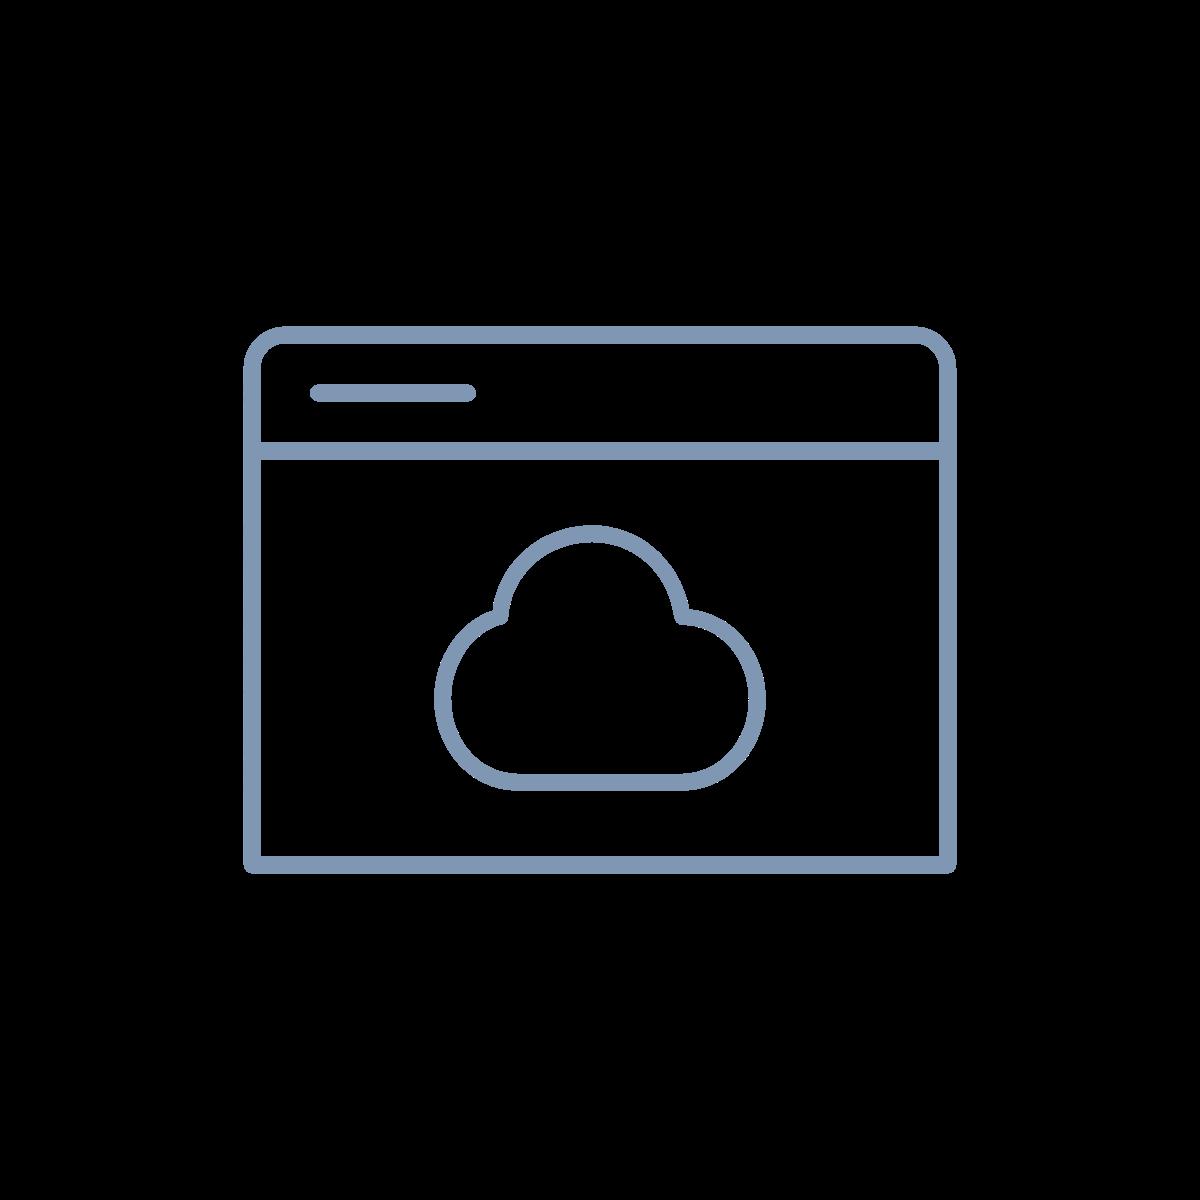 noun_cloud web browser_515396.png